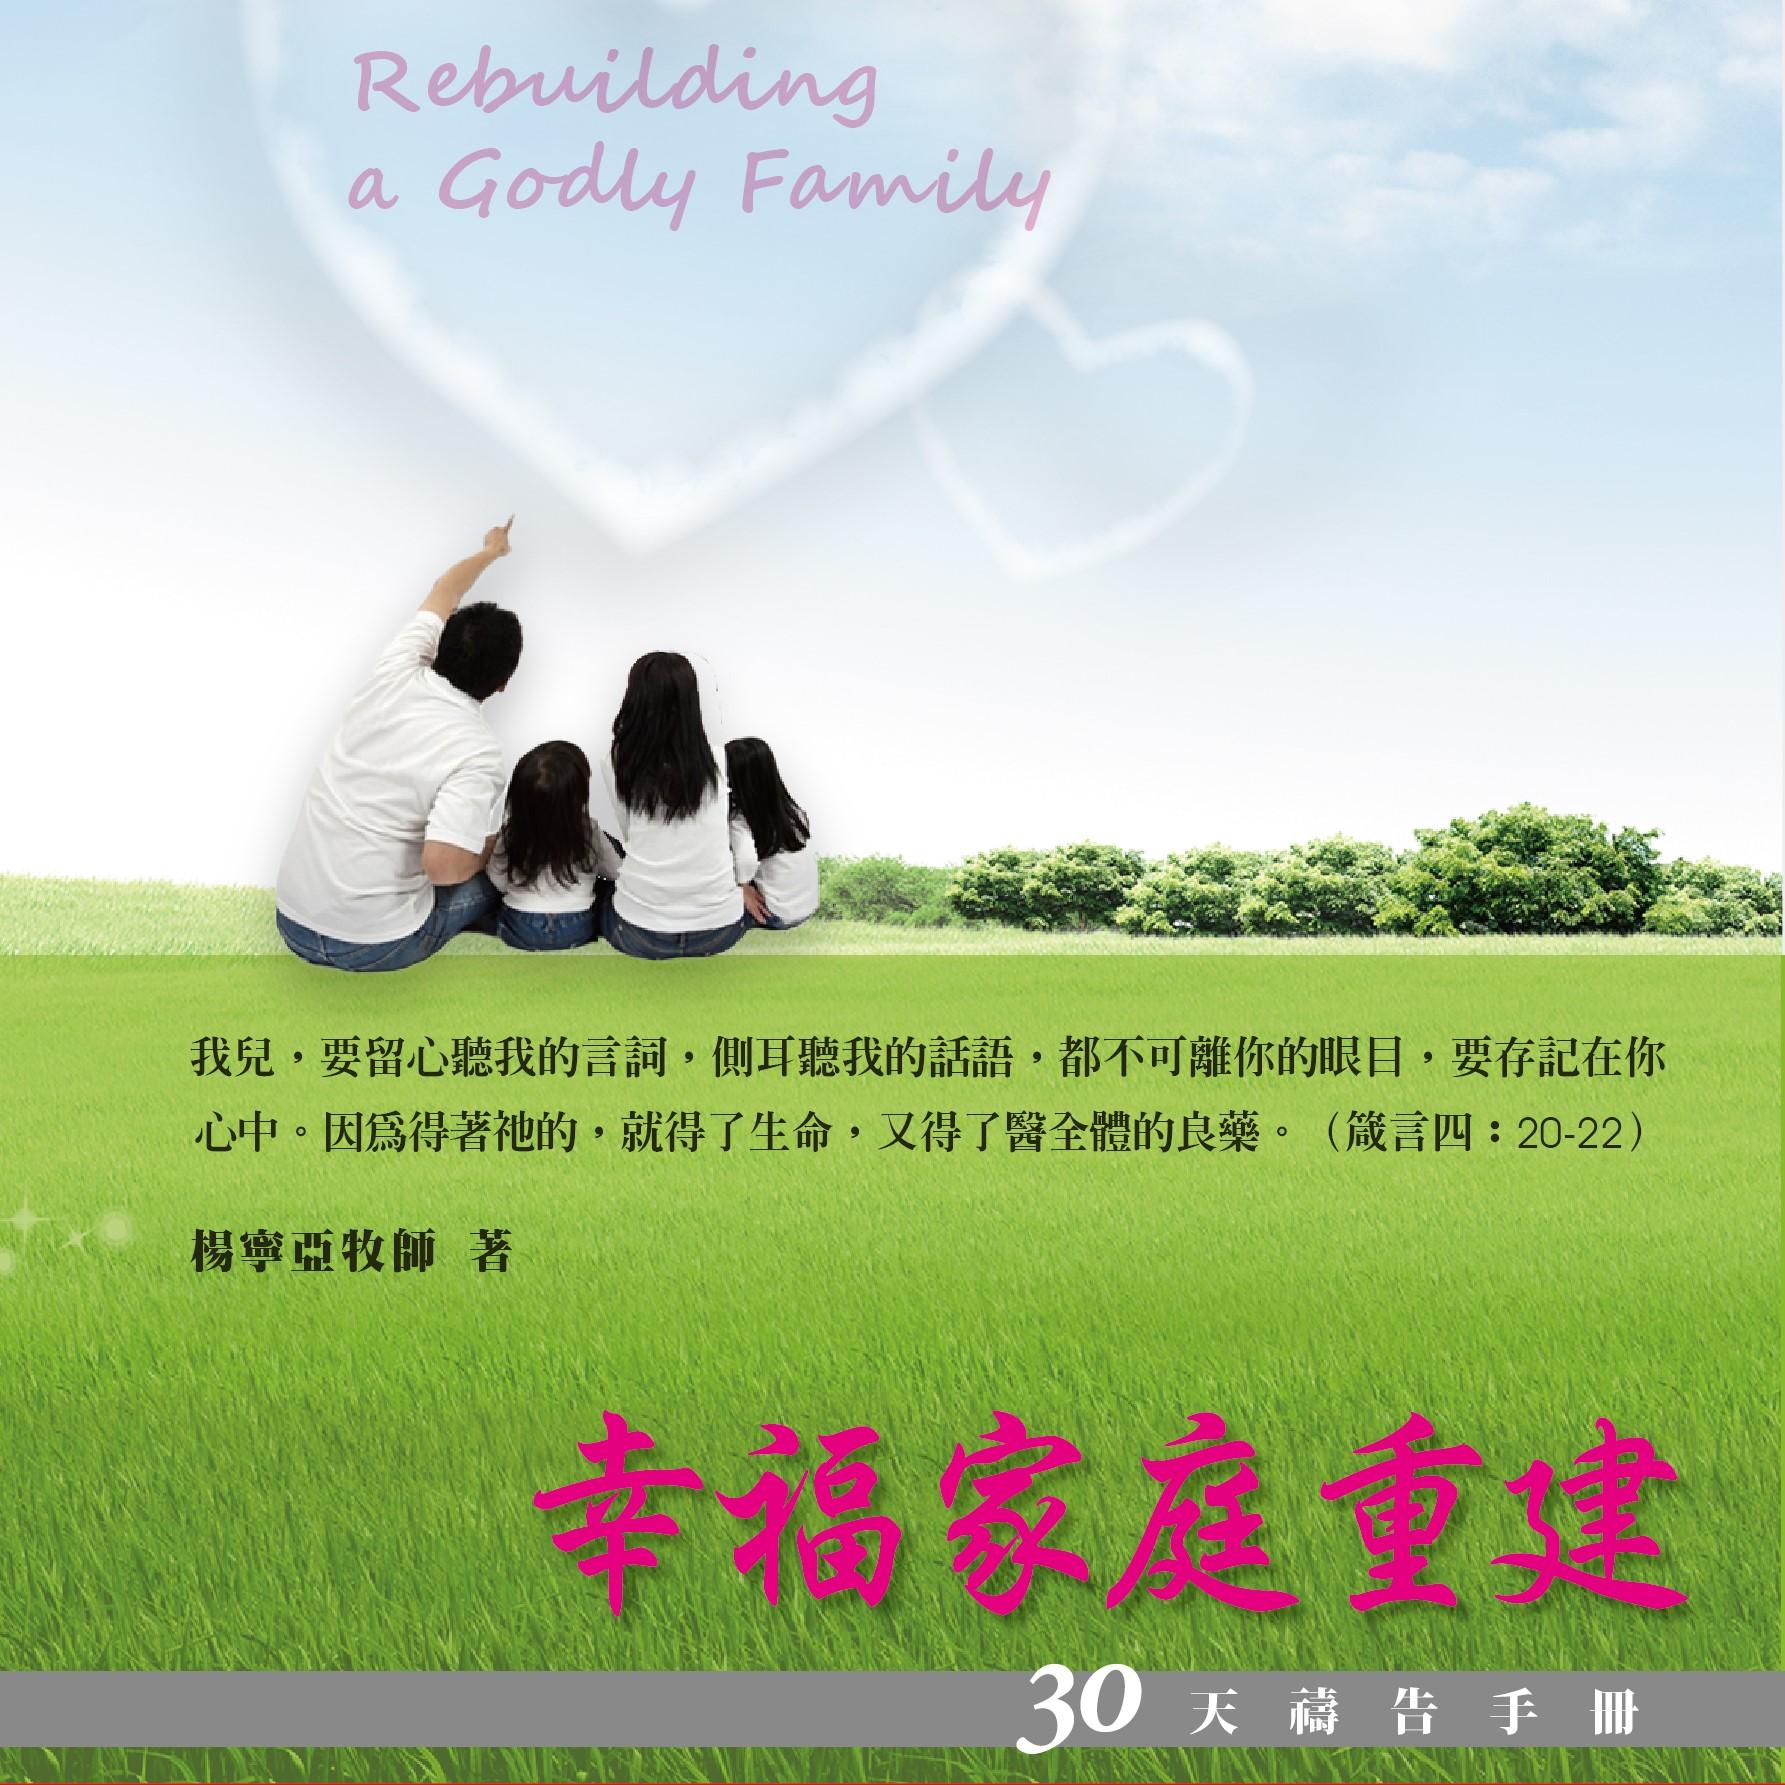 3.幸福家庭重建-第8天-3.Rebuilding a Godly Family-Day8  走出家庭壓力鍋